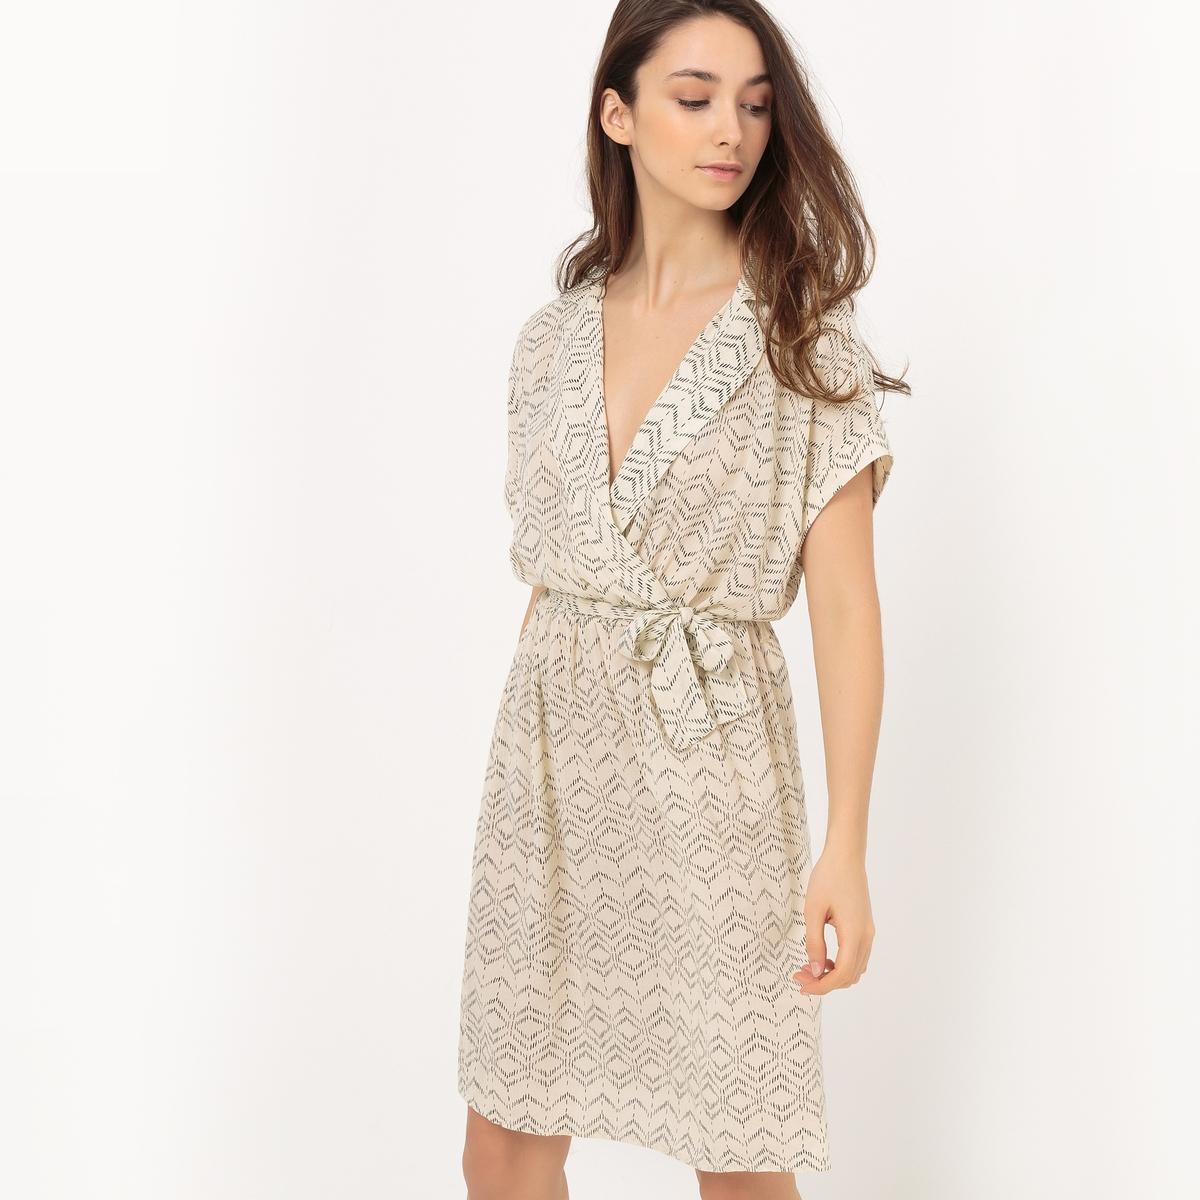 Платье в стиле каш-кер с короткими рукавамиМатериал : 100% вискоза   Длина рукава : короткие рукава   Форма воротника : V-образный вырез  Покрой платья : расклешенное платье  Рисунок : принт    Длина платья : до колен<br><br>Цвет: темно-синий/рисунок,хаки/рисунок,экрю/рисунок<br>Размер: XS.XS